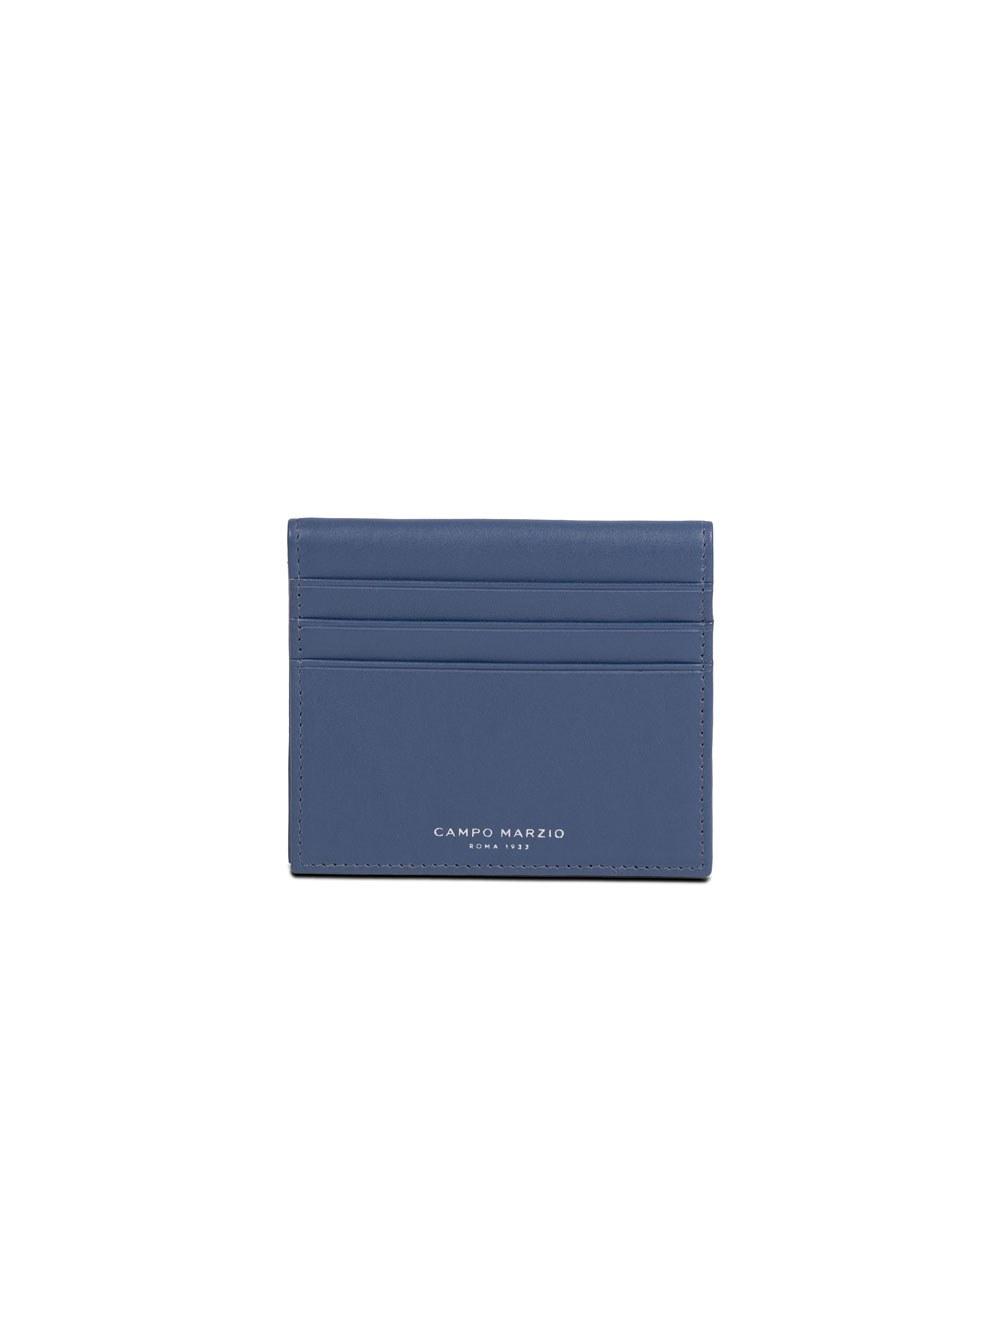 Card Holder Bi-Fold